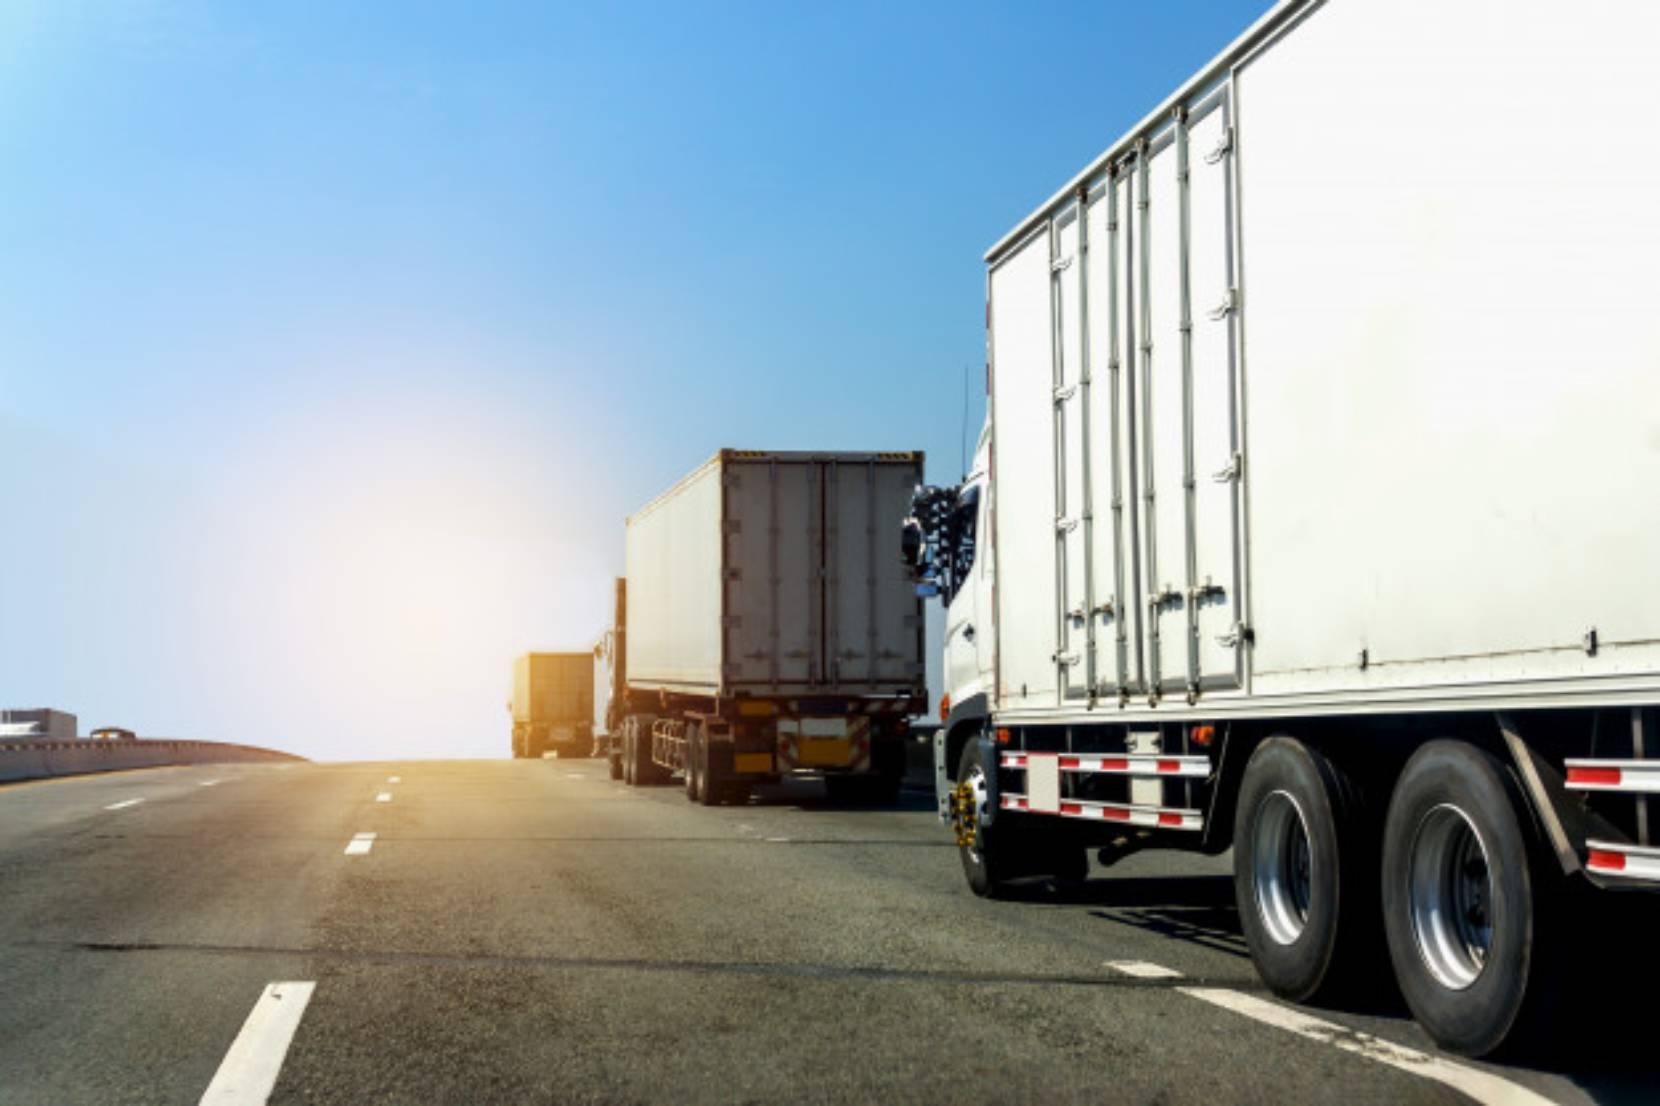 Caminhões na estrada seguros através de um gerenciadora de risco transporte